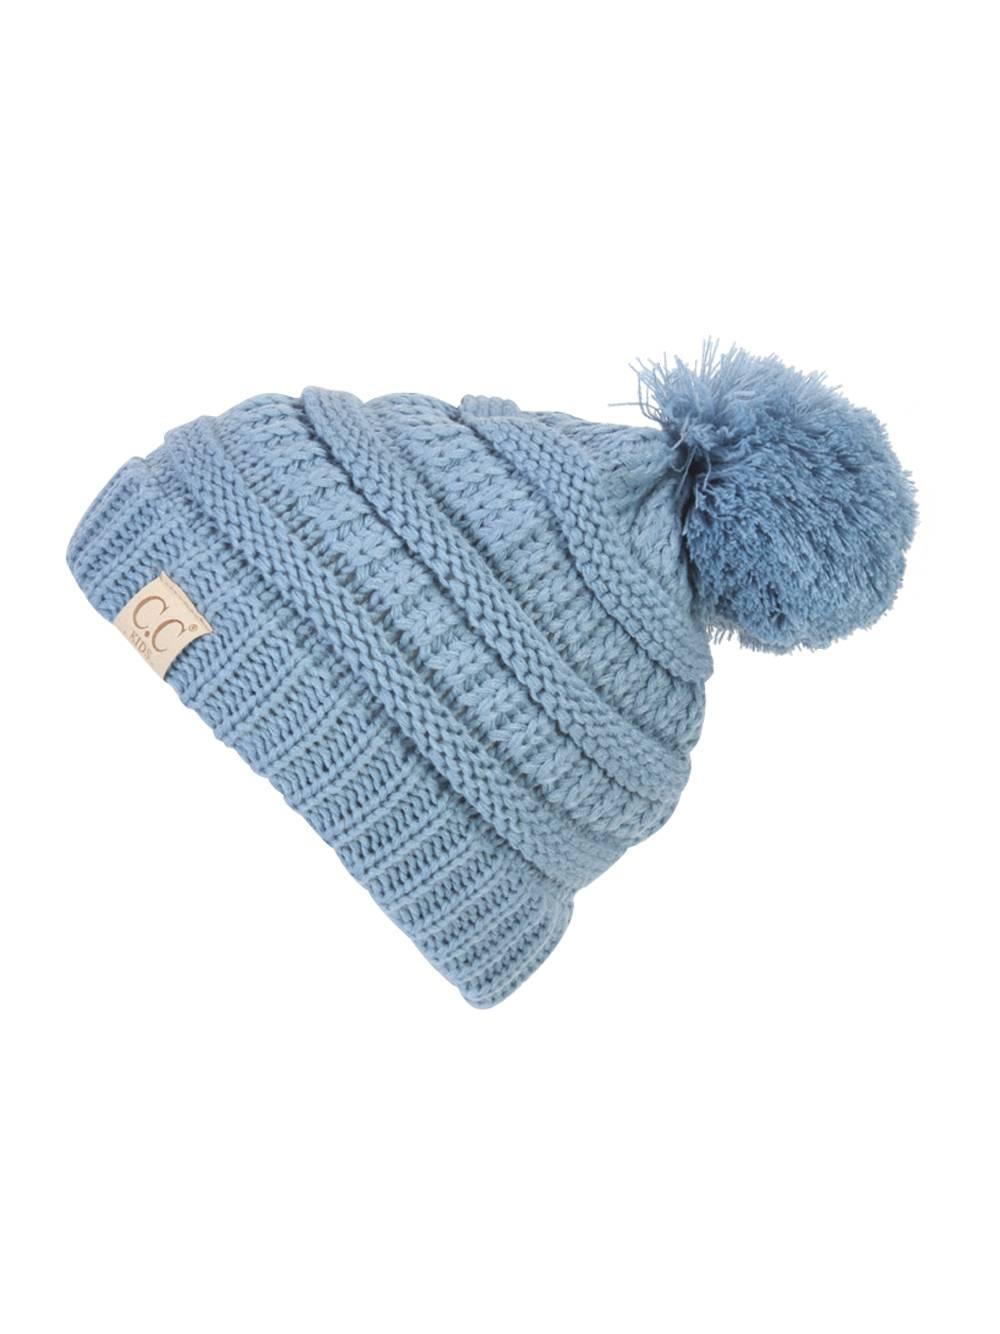 697efe90d3c815 Gravity Threads CC Kids Warm Cable Knit Thick Soft Beanie w/ Pom - Ivory